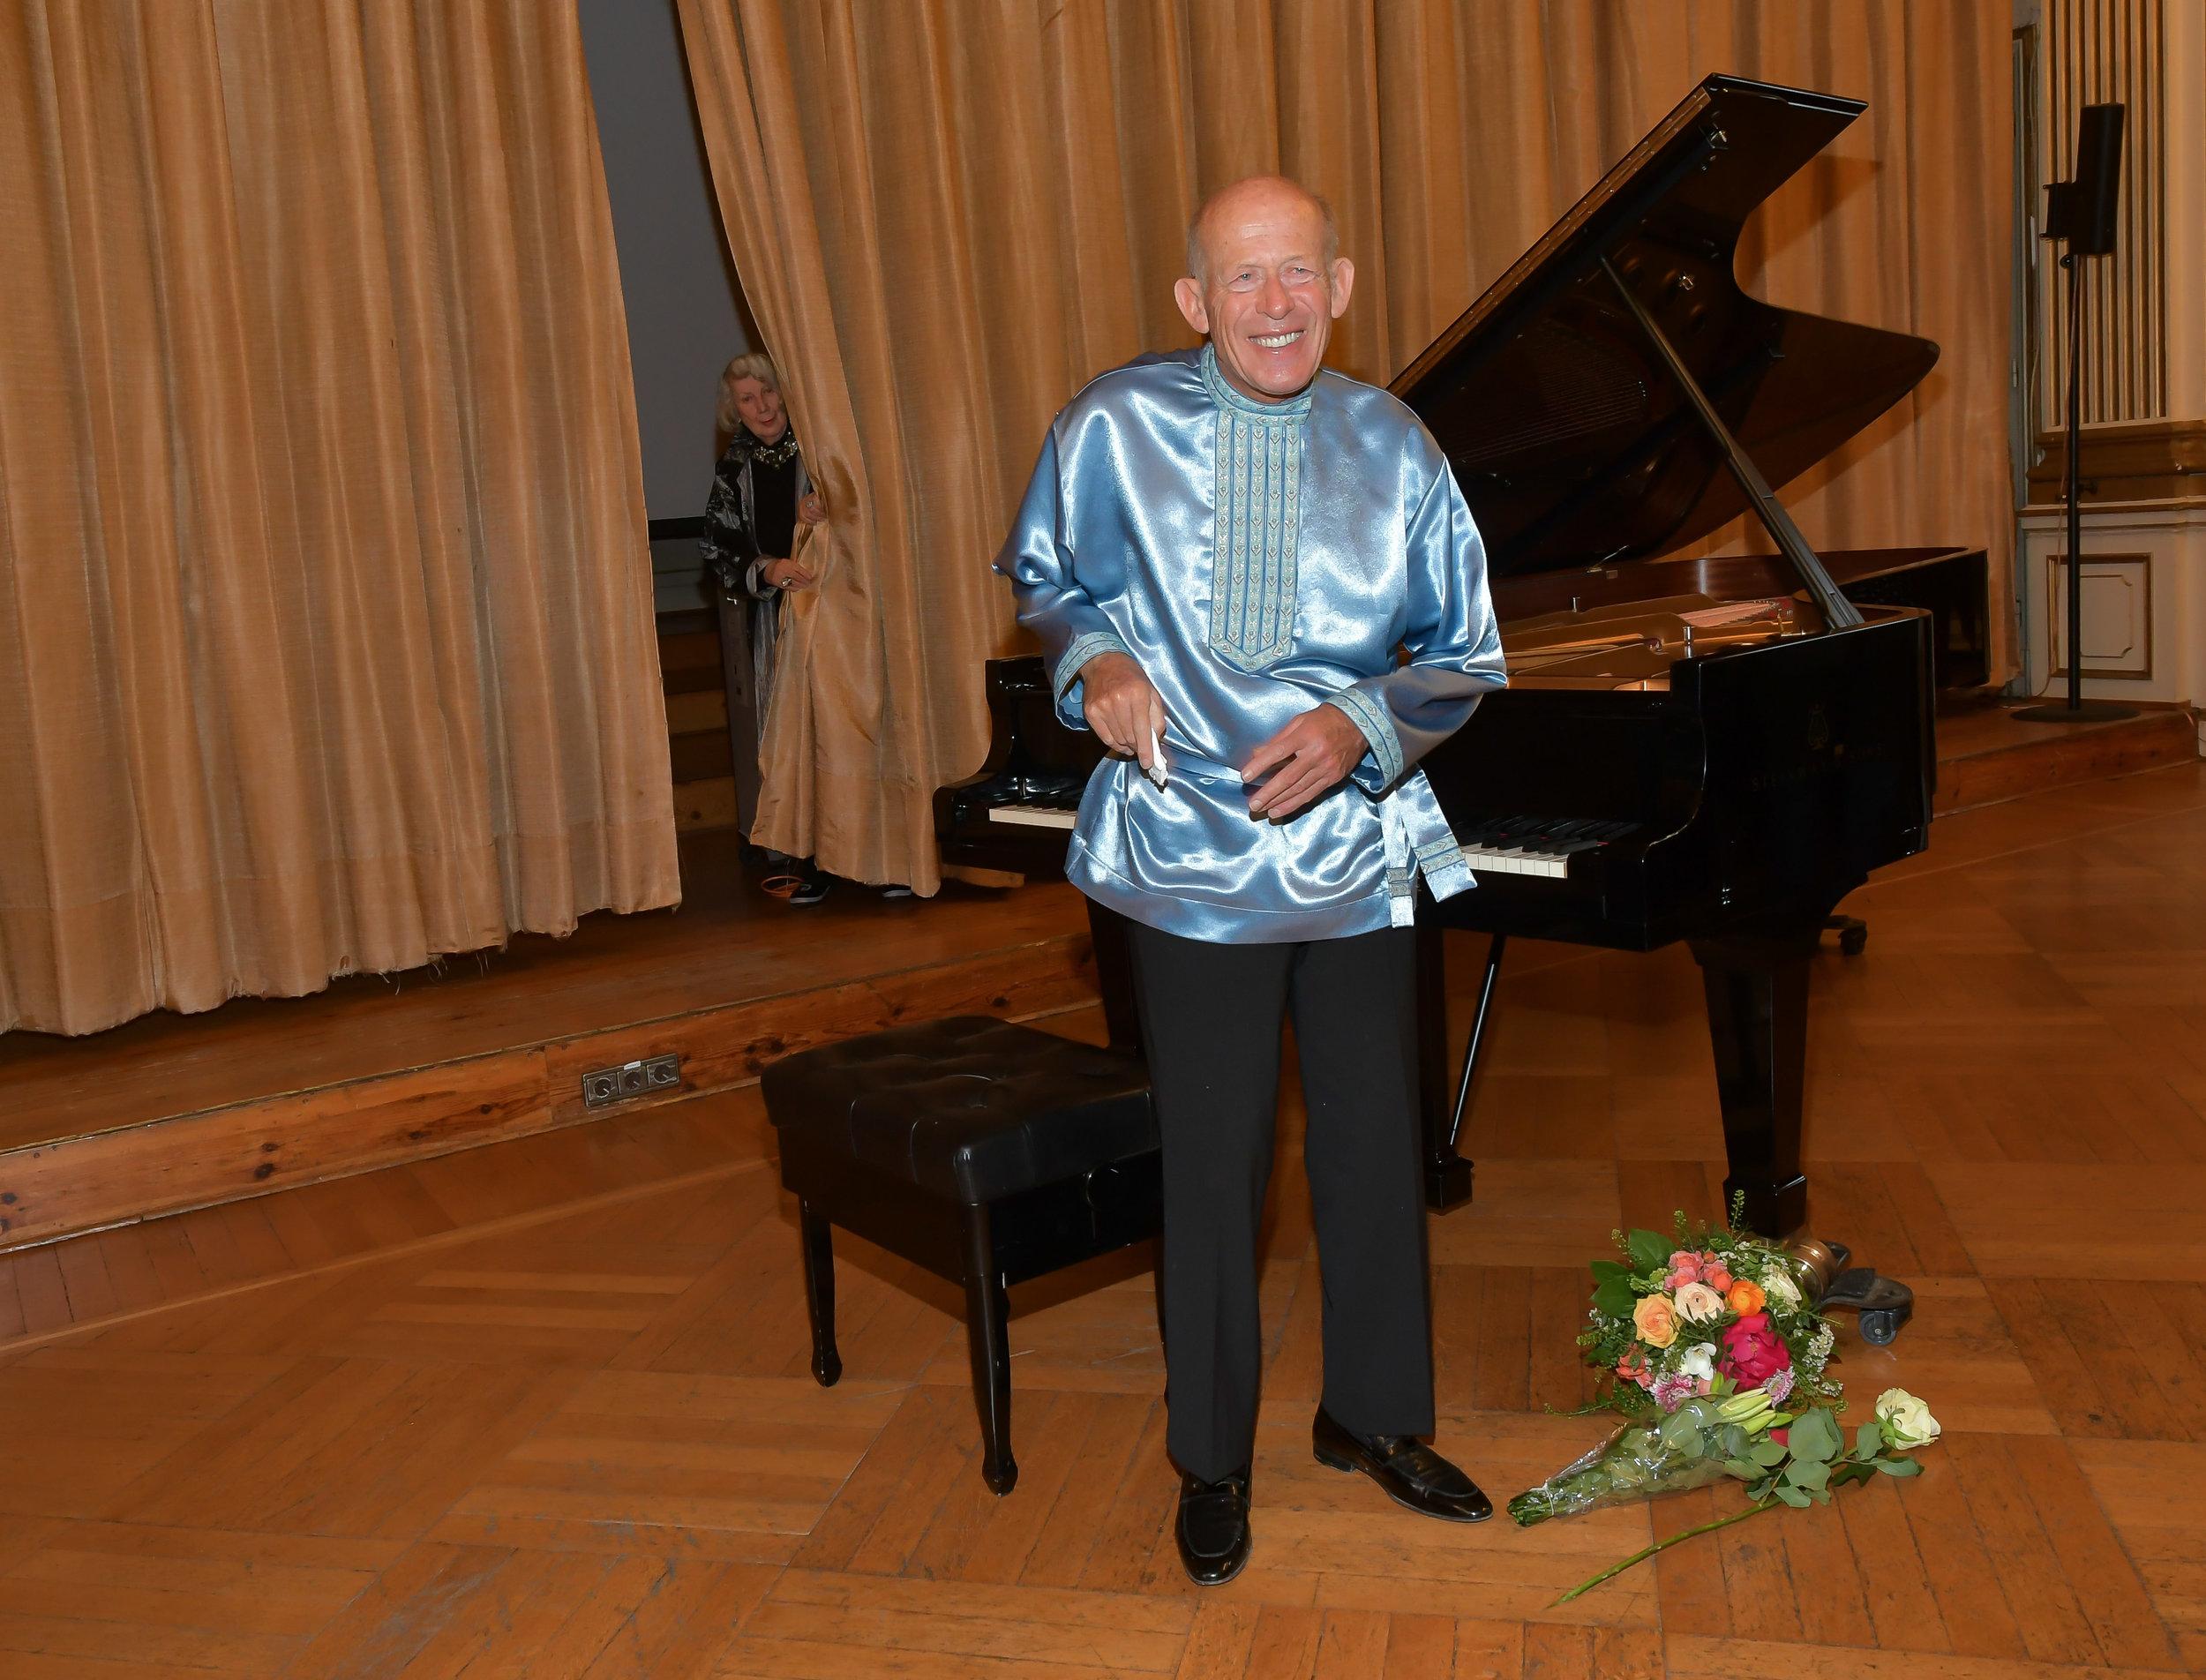 SCHROEWIG-David Helfgott-Konzert-02.jpg